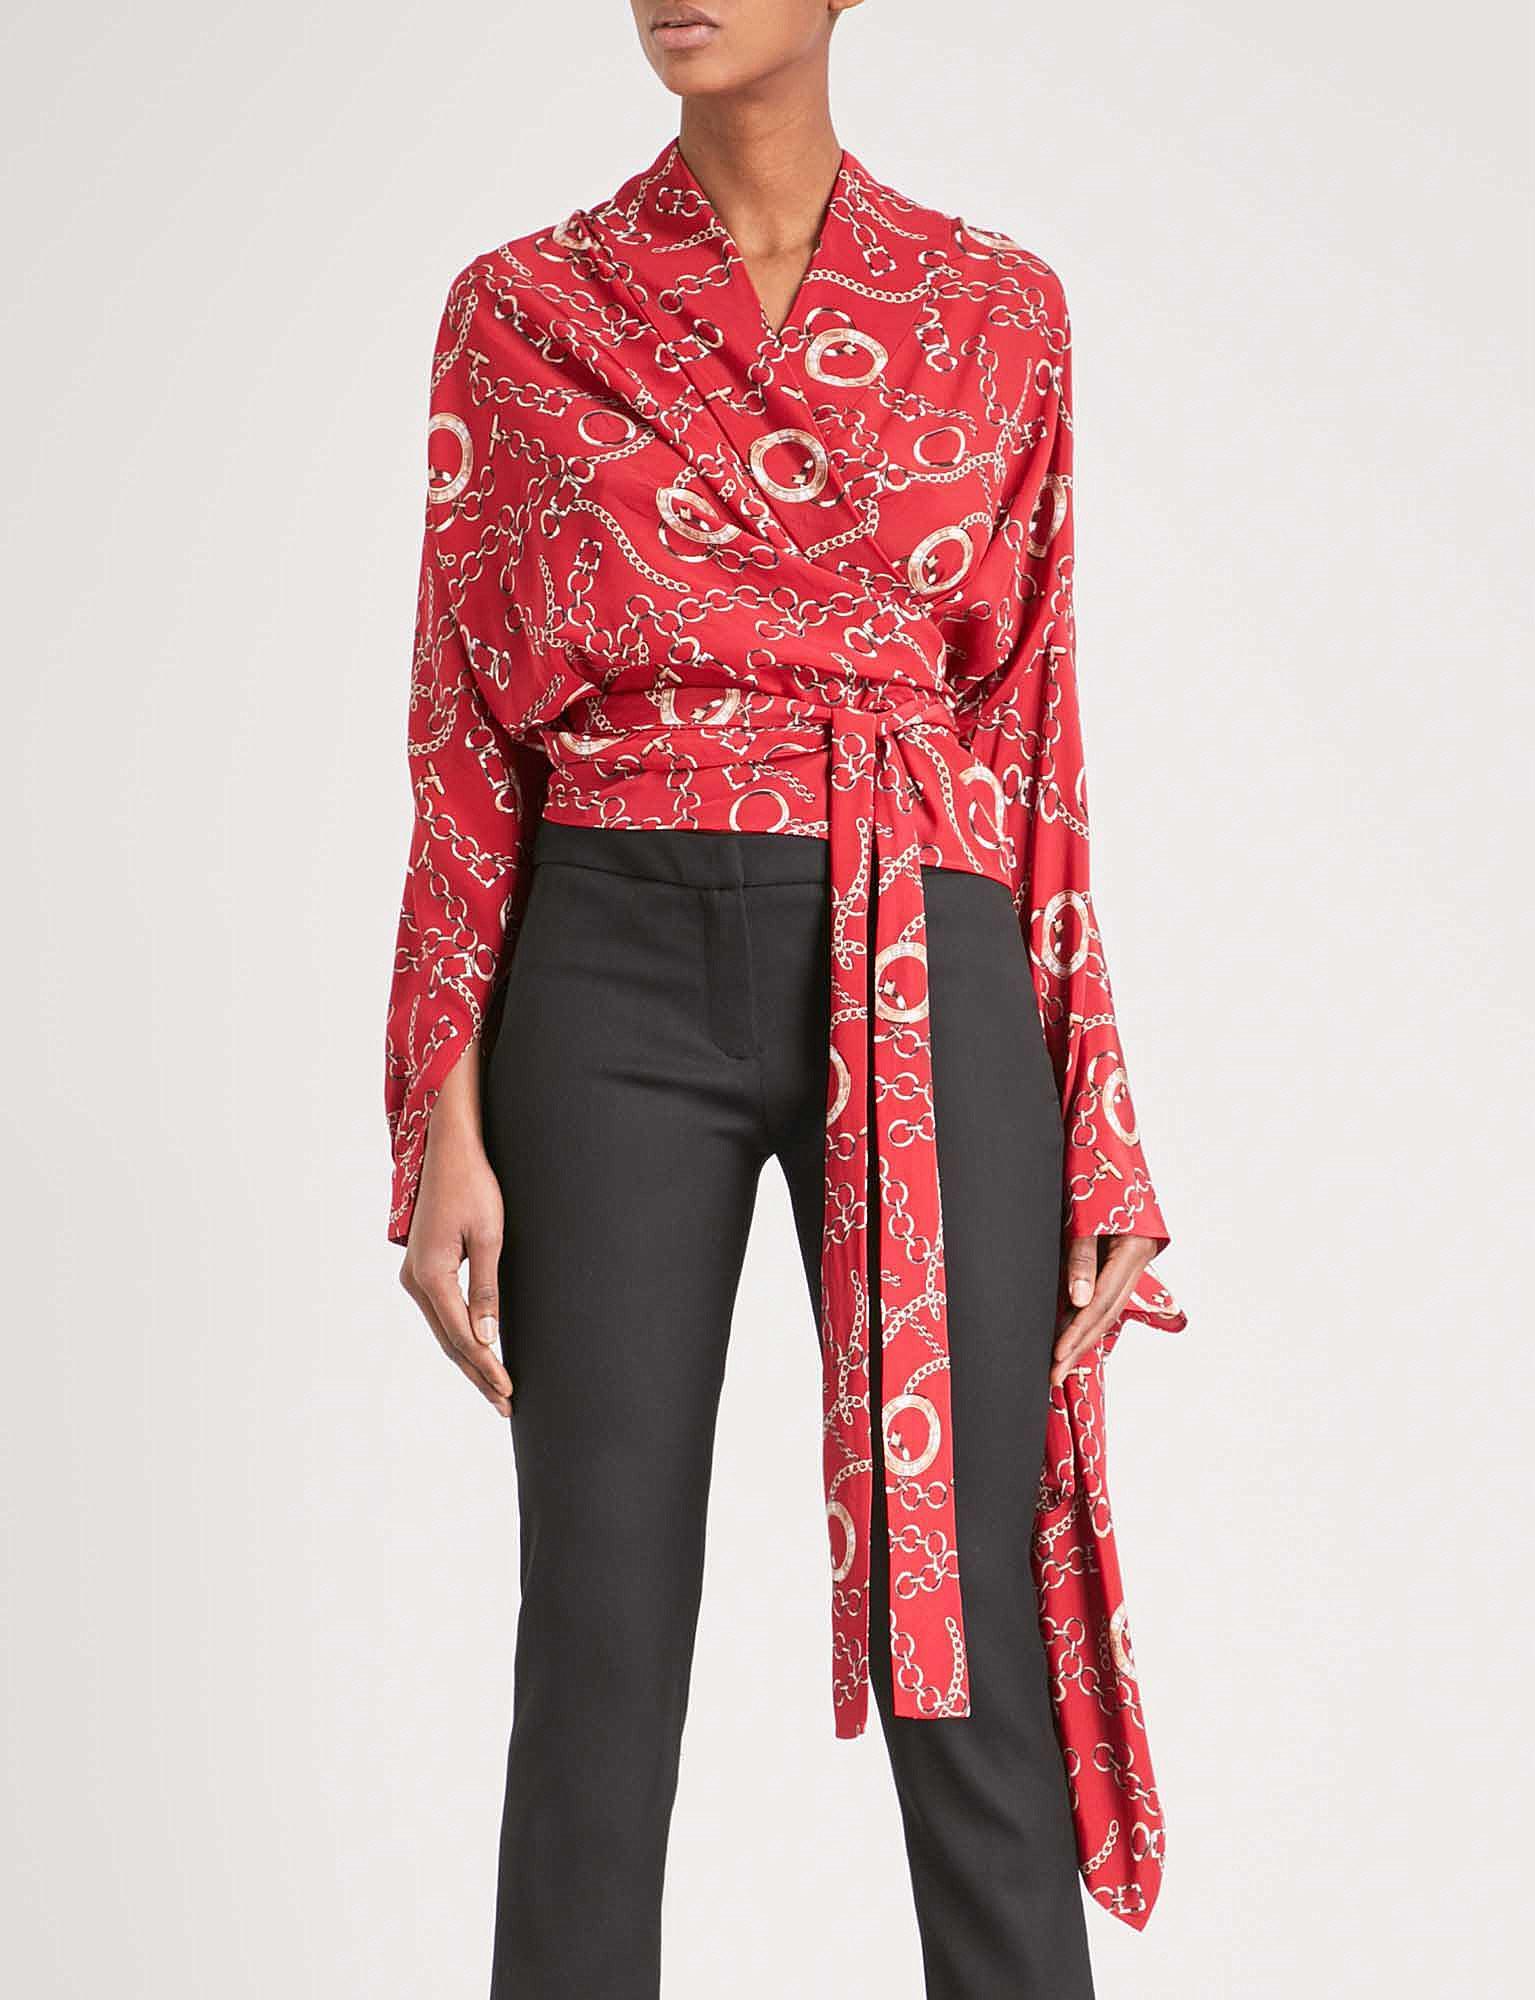 b76b41f400172 Lyst - Balenciaga Chain-print Silk Shirt in Red